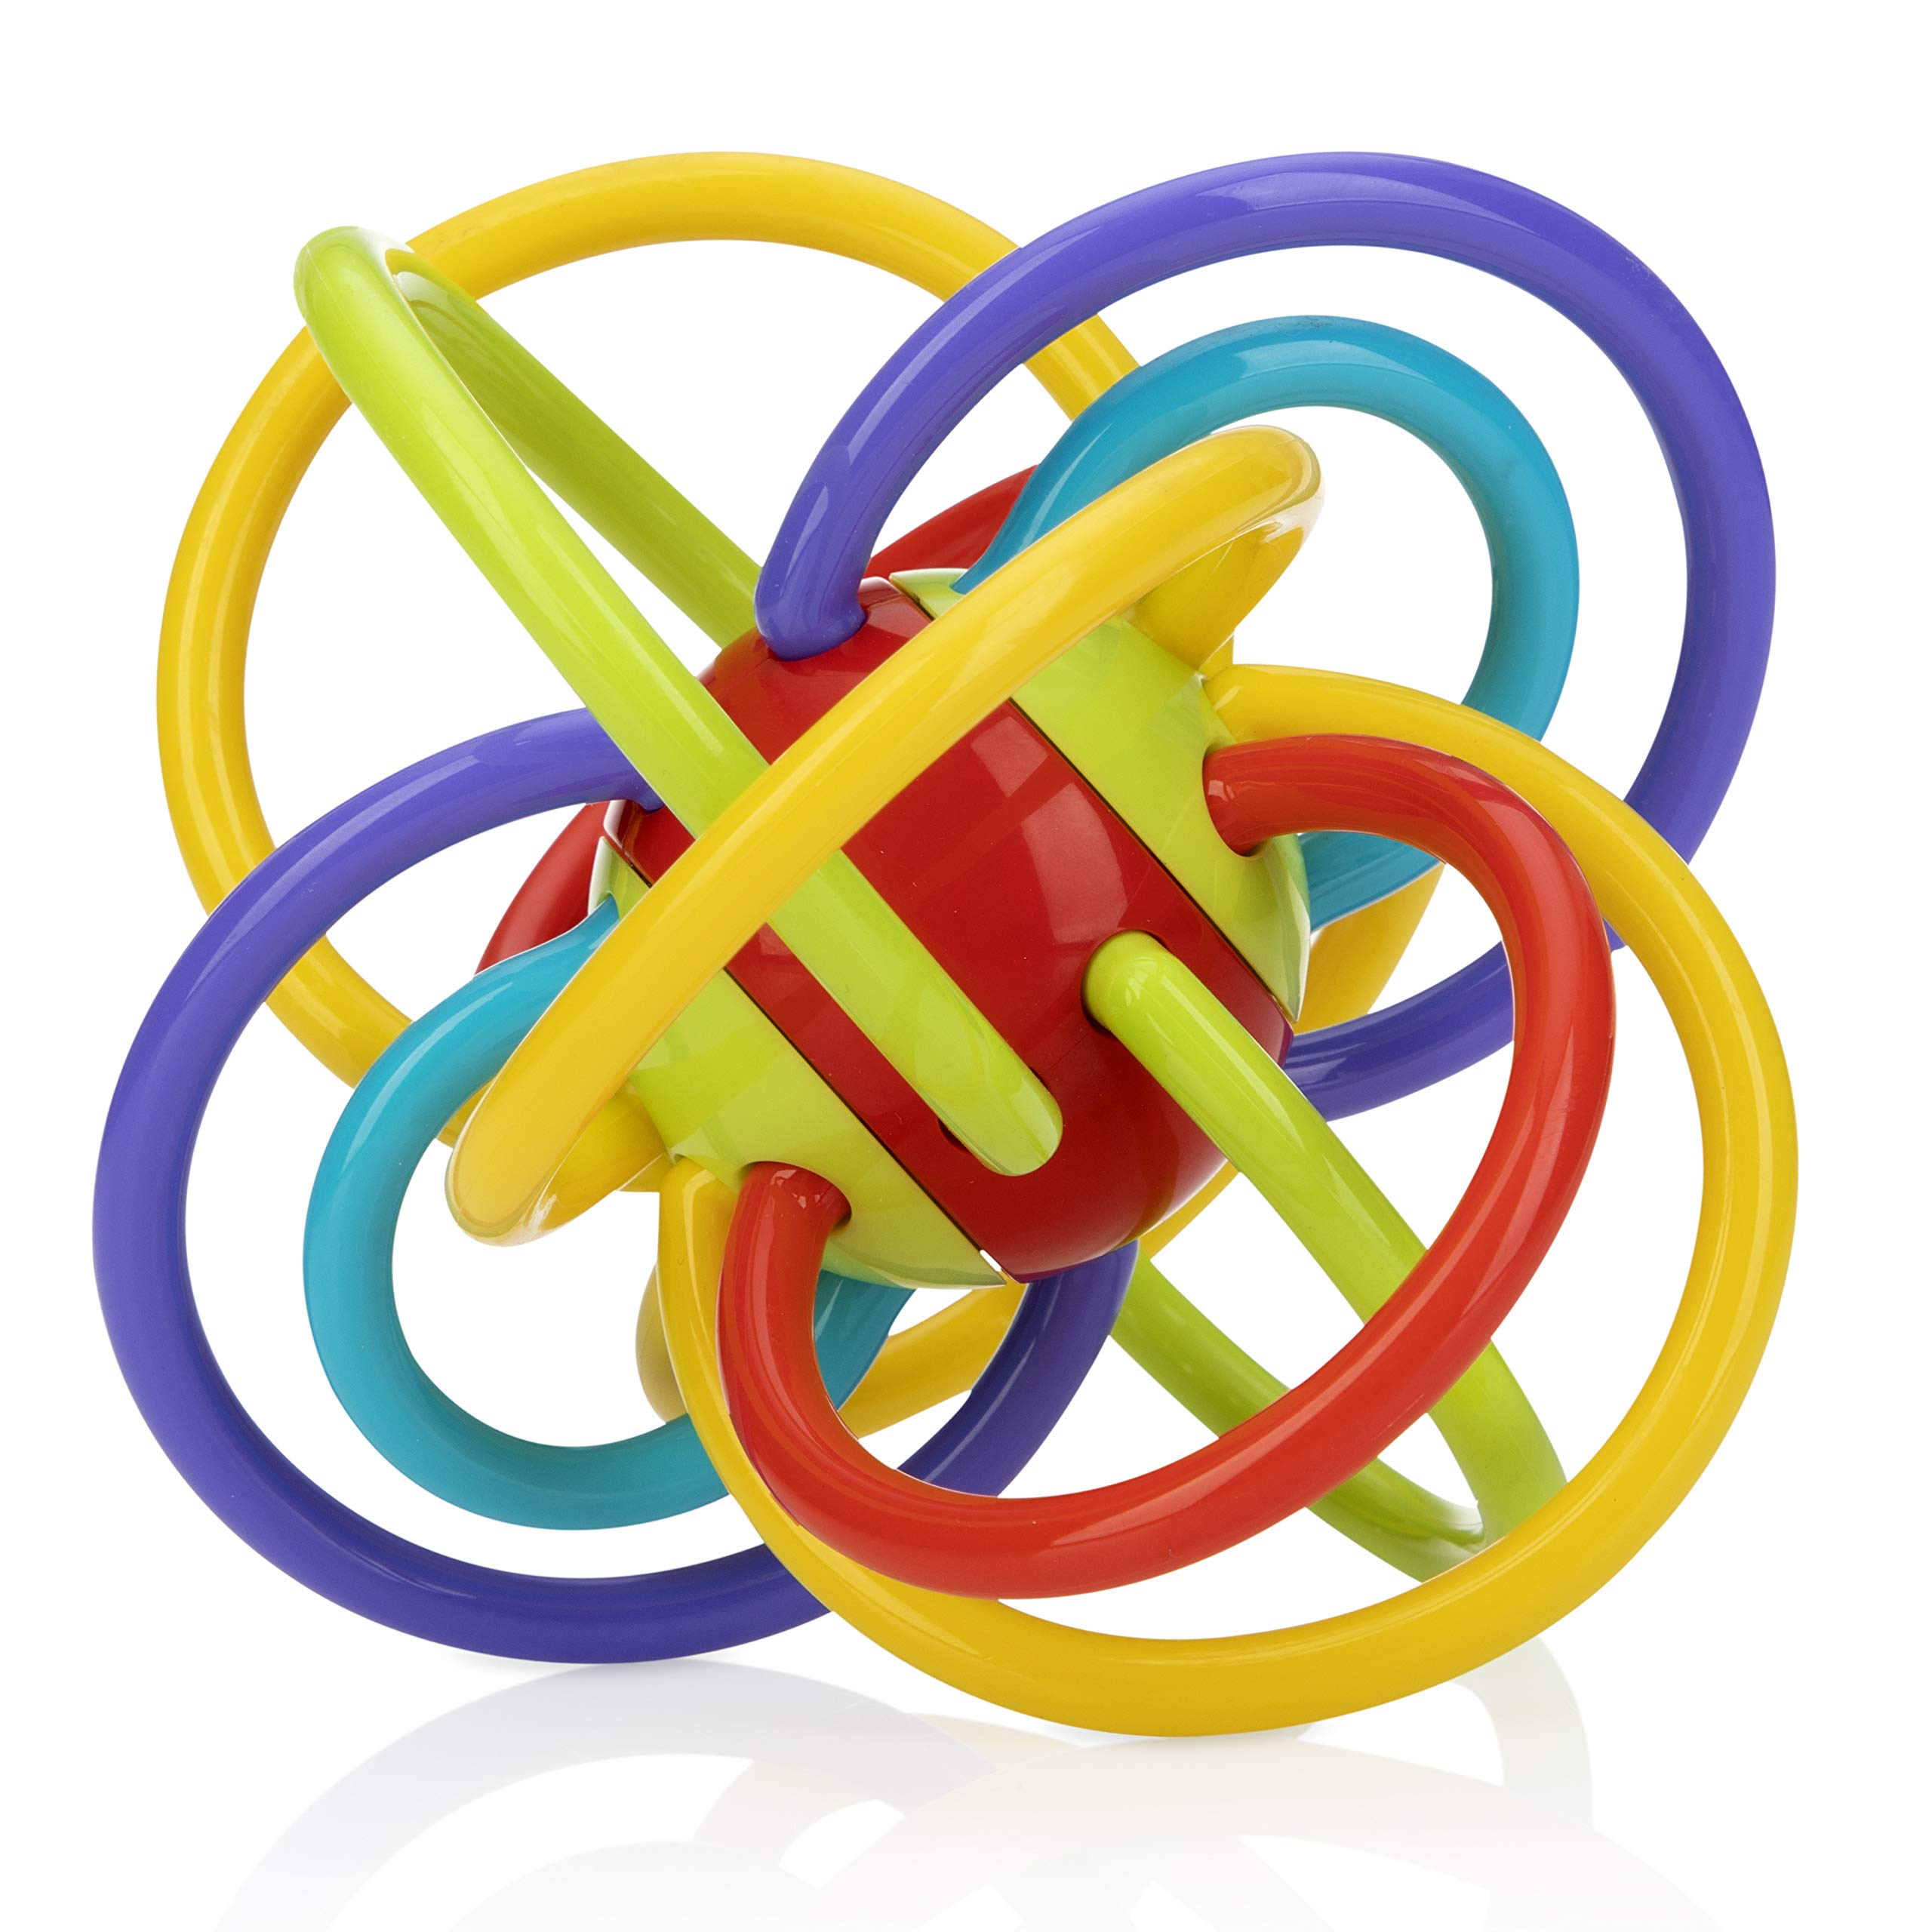 Nuby Lots A Loops Soothing Teether, 1 Pack, 3M+, Multi